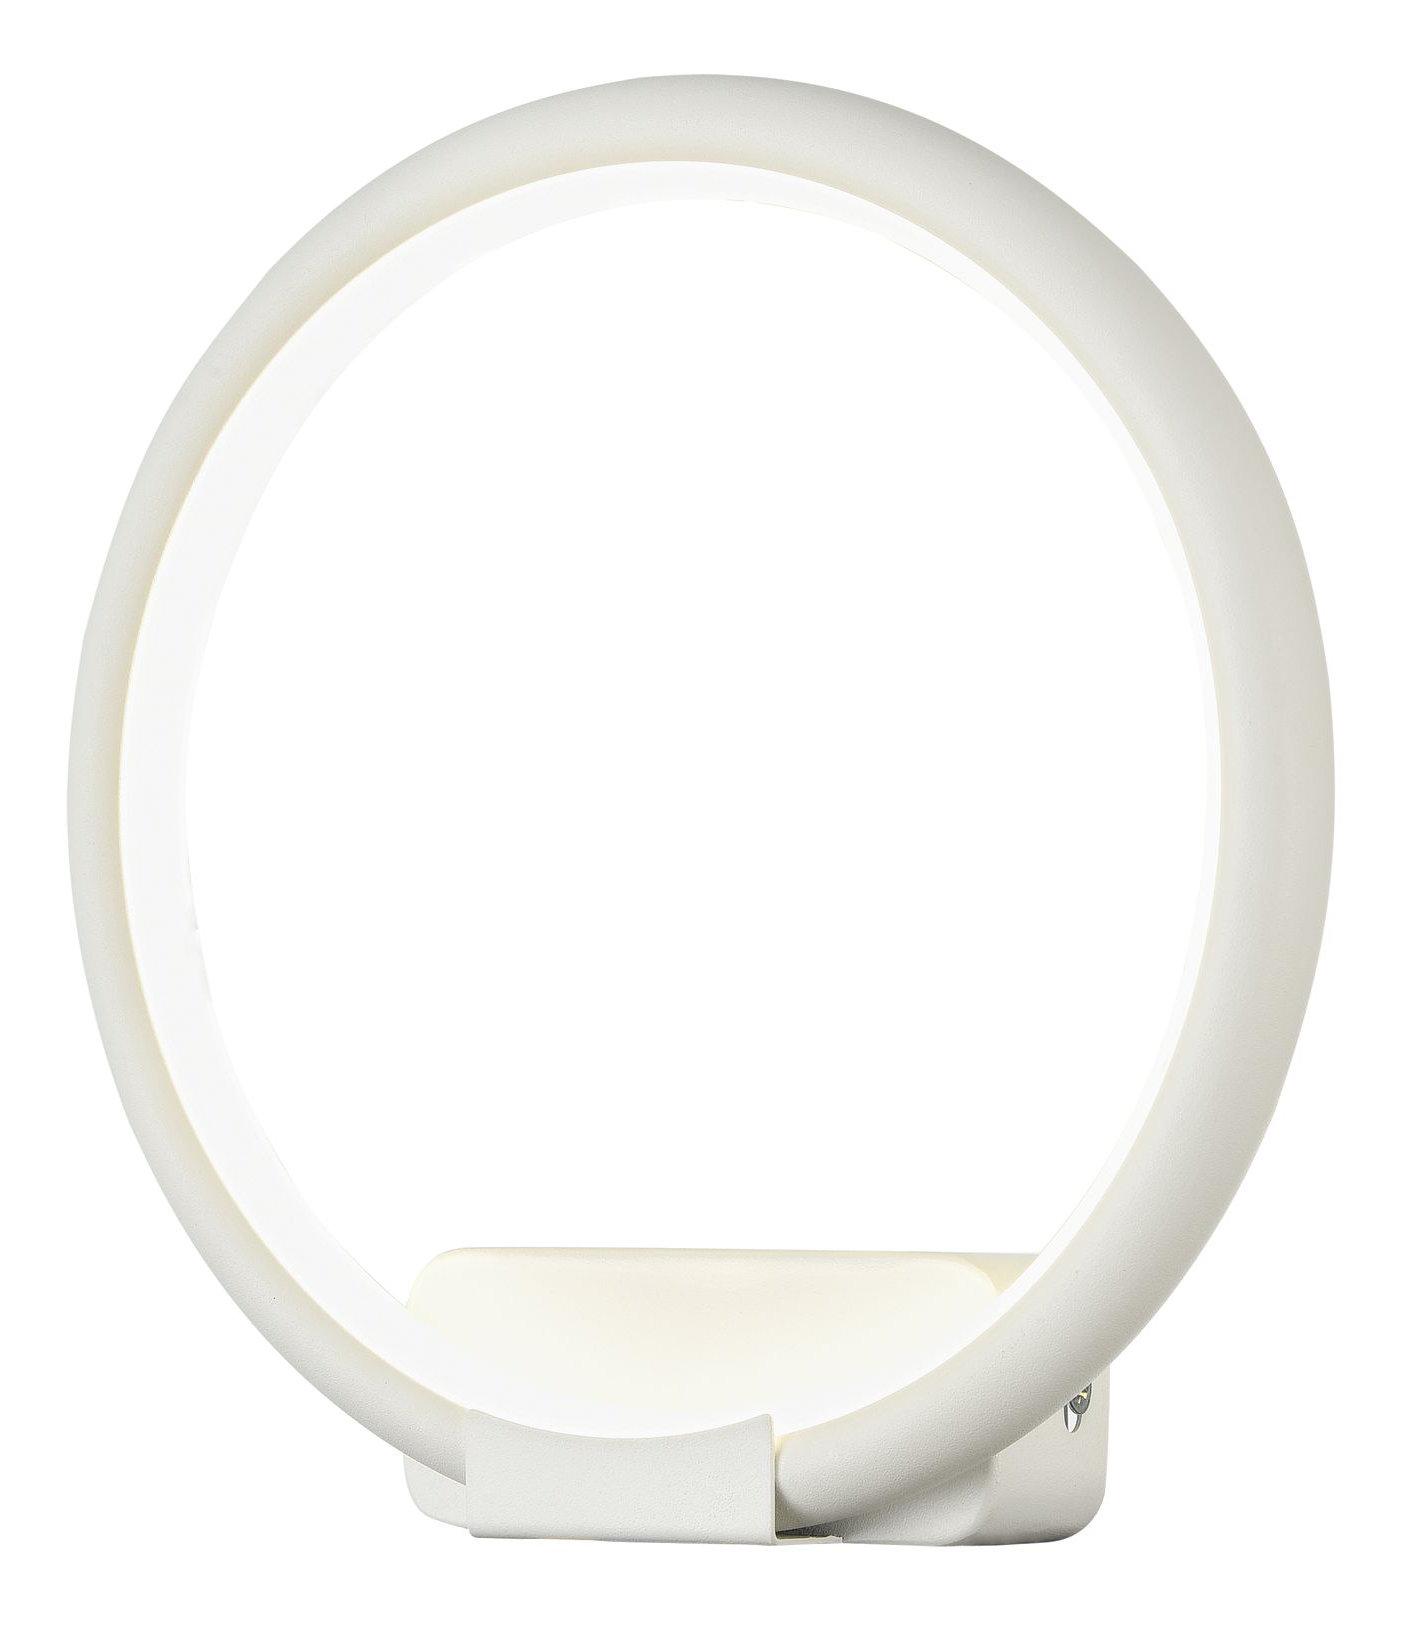 Επιτραπέζιο φωτιστικό Maytoni Nola LED II